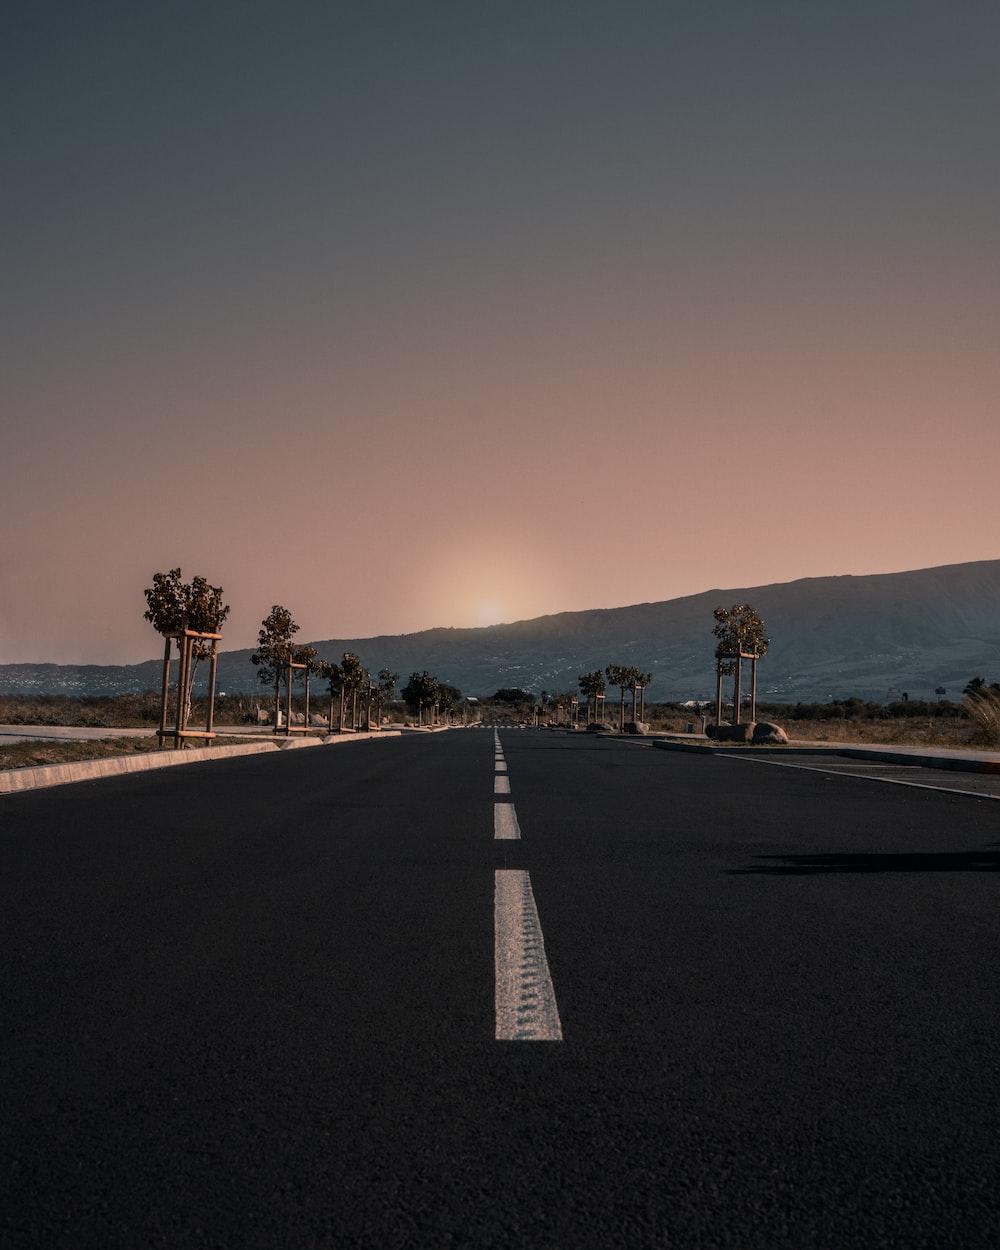 highway between trees during golden hour